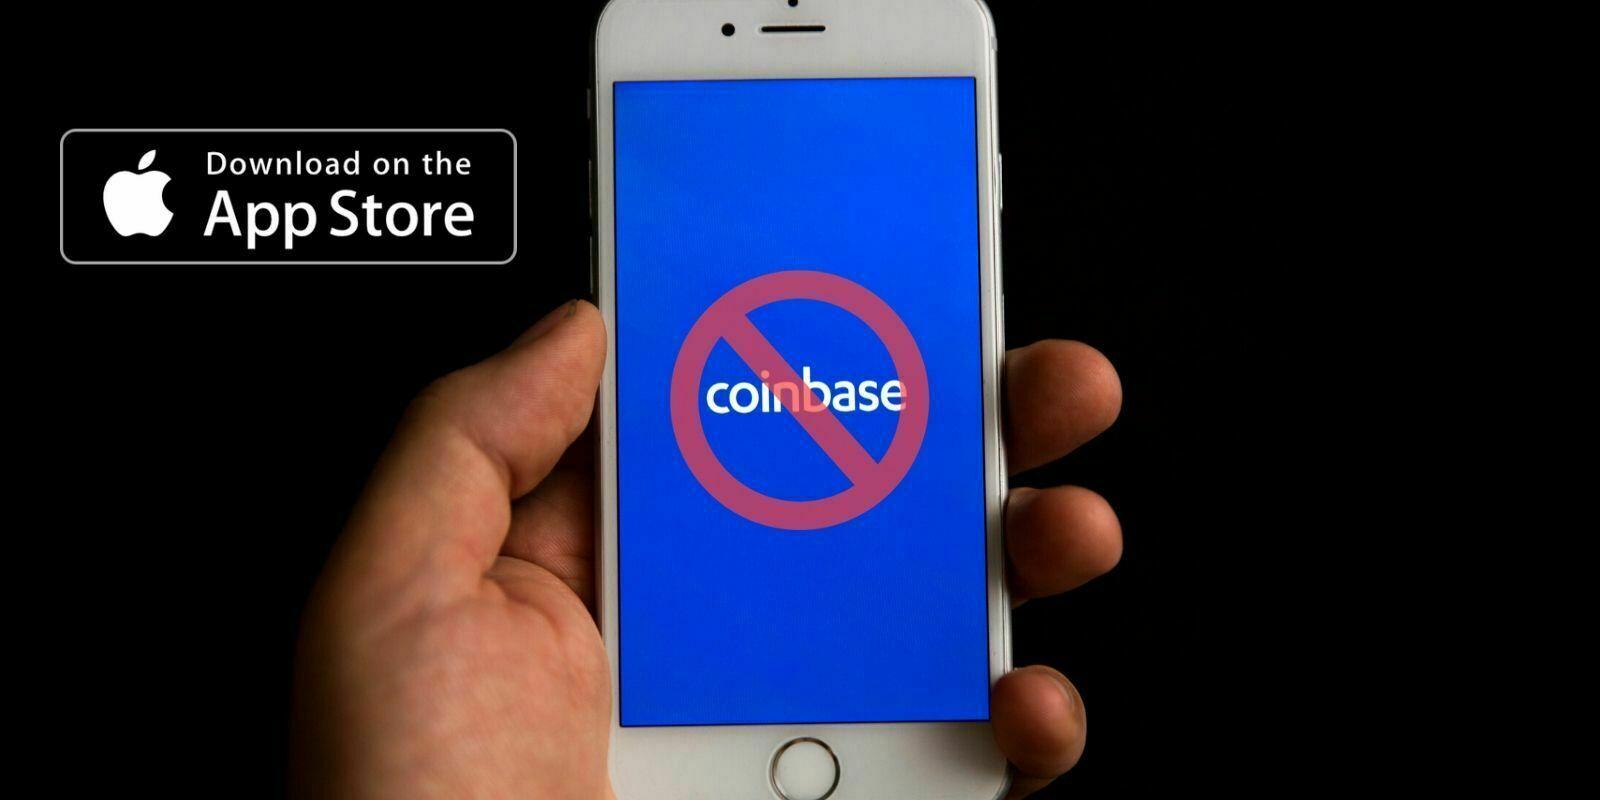 Coinbase Wallet supprime son navigateur de dApps pour se conformer à la politique d'Apple